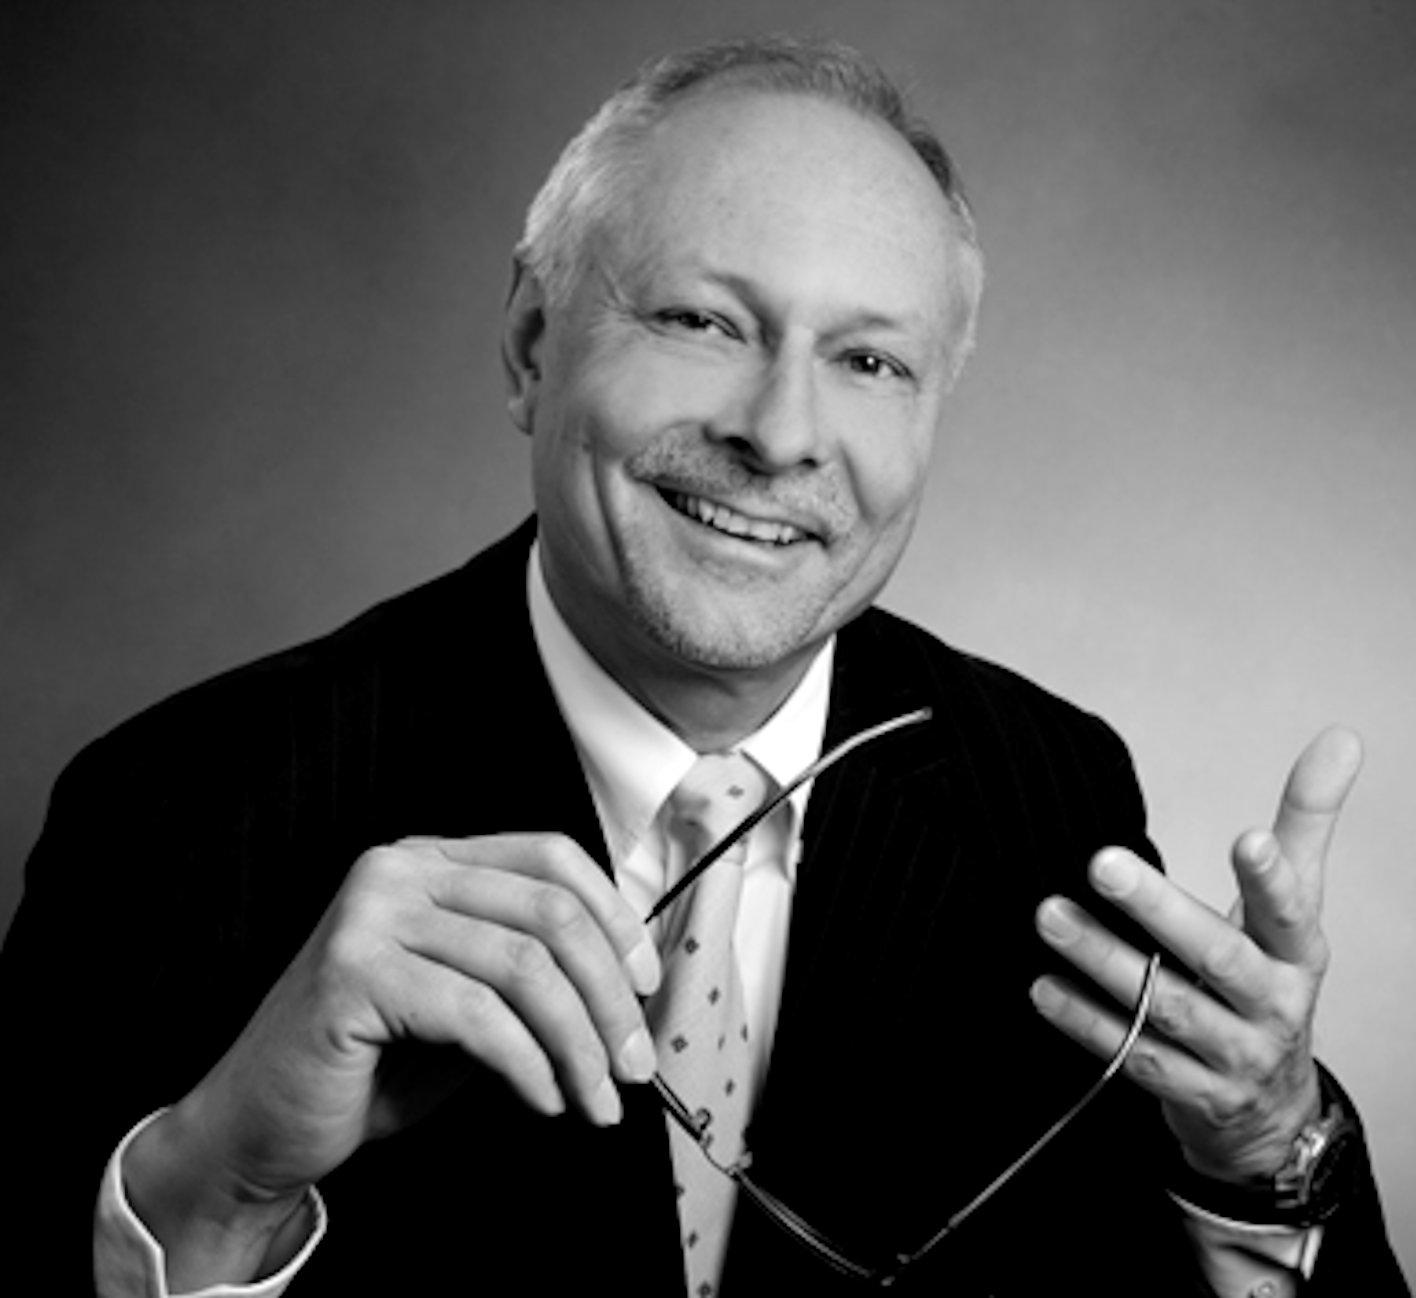 Dr. Hans-Peter Springer